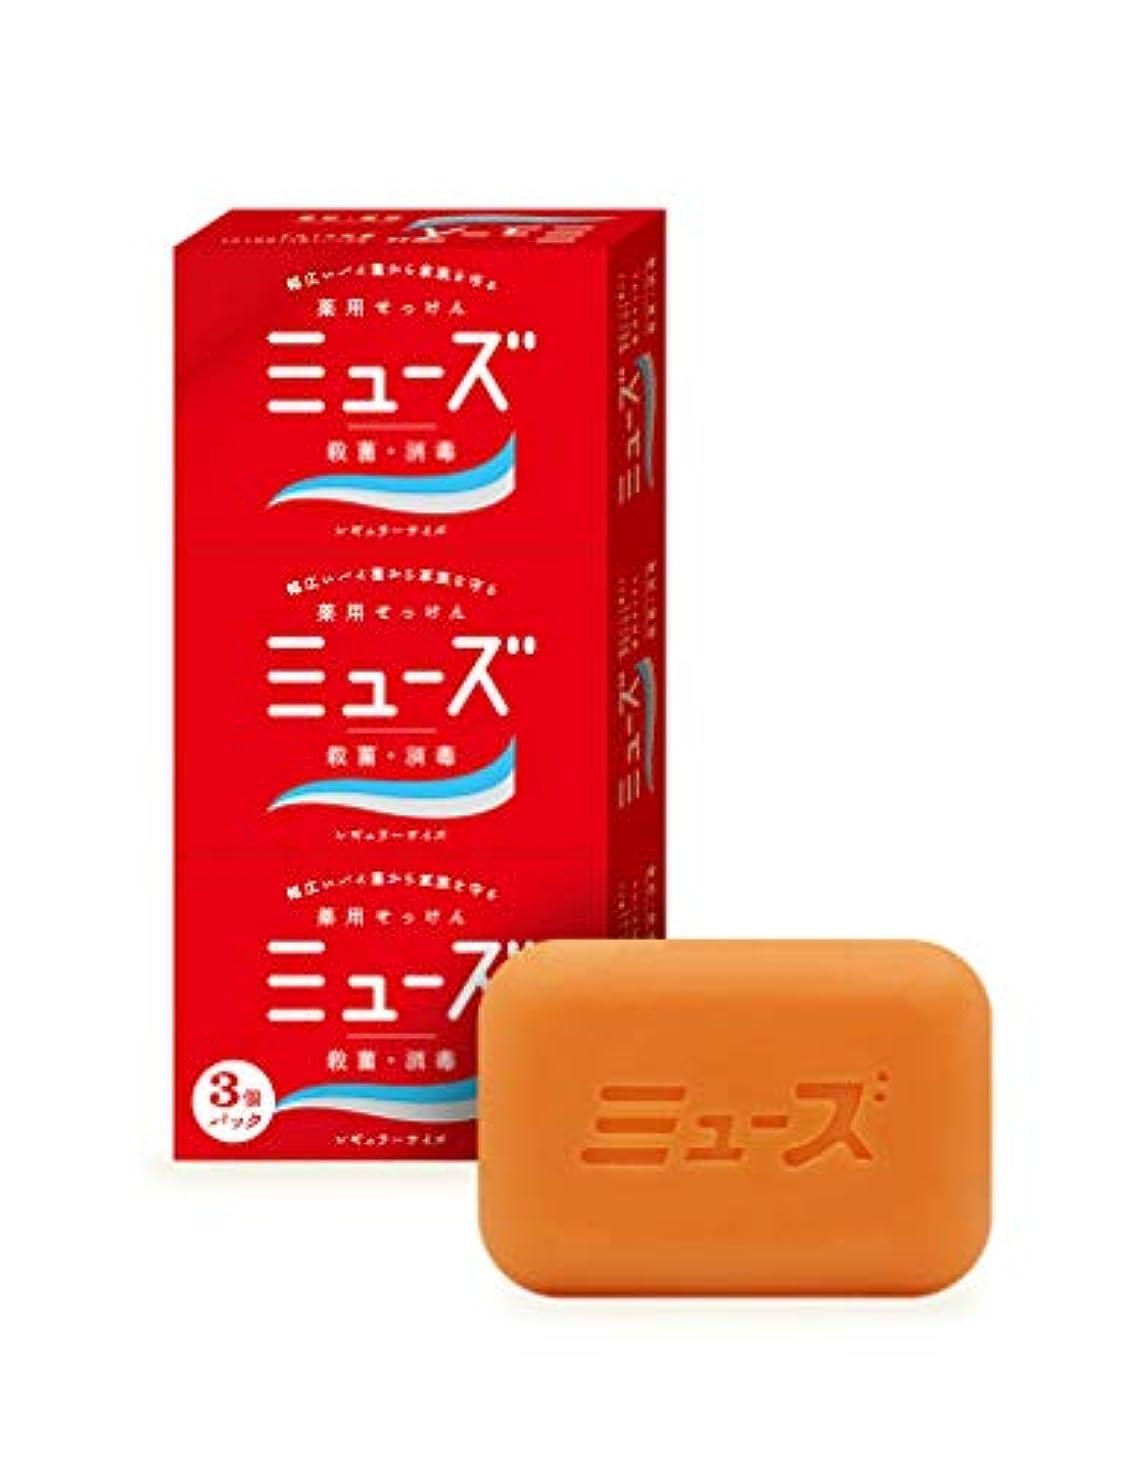 再生可能具体的にトーナメント【医薬部外品】ミューズ石鹸 レギュラー 95g×3個パック